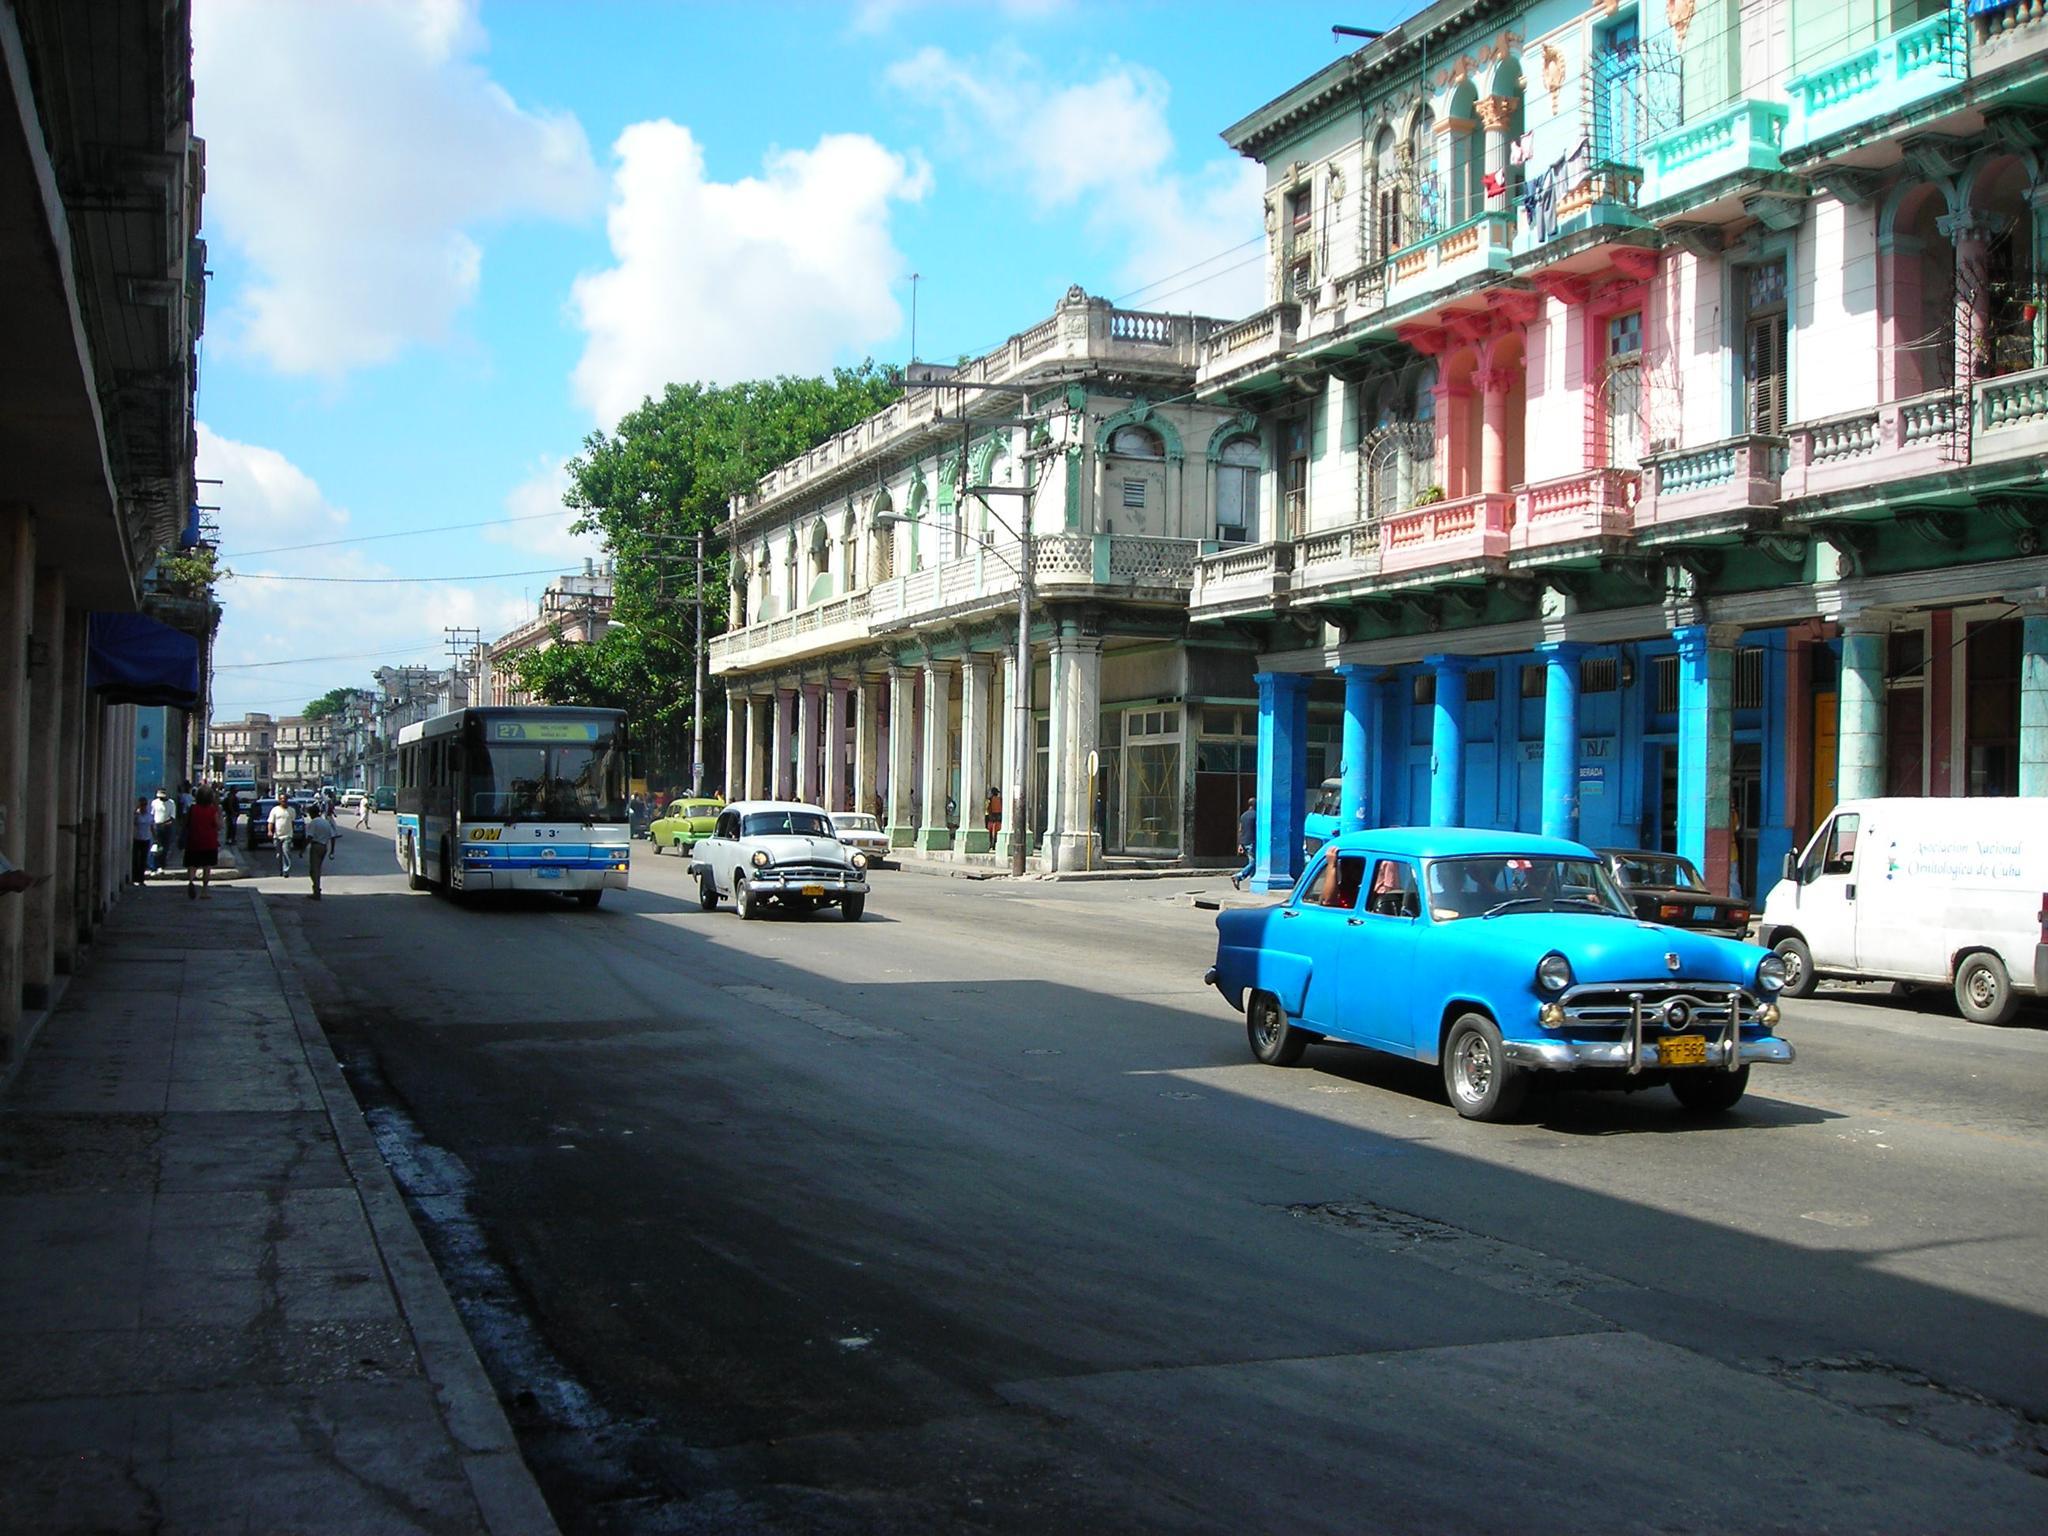 Trafico en La Habana by xemariagil